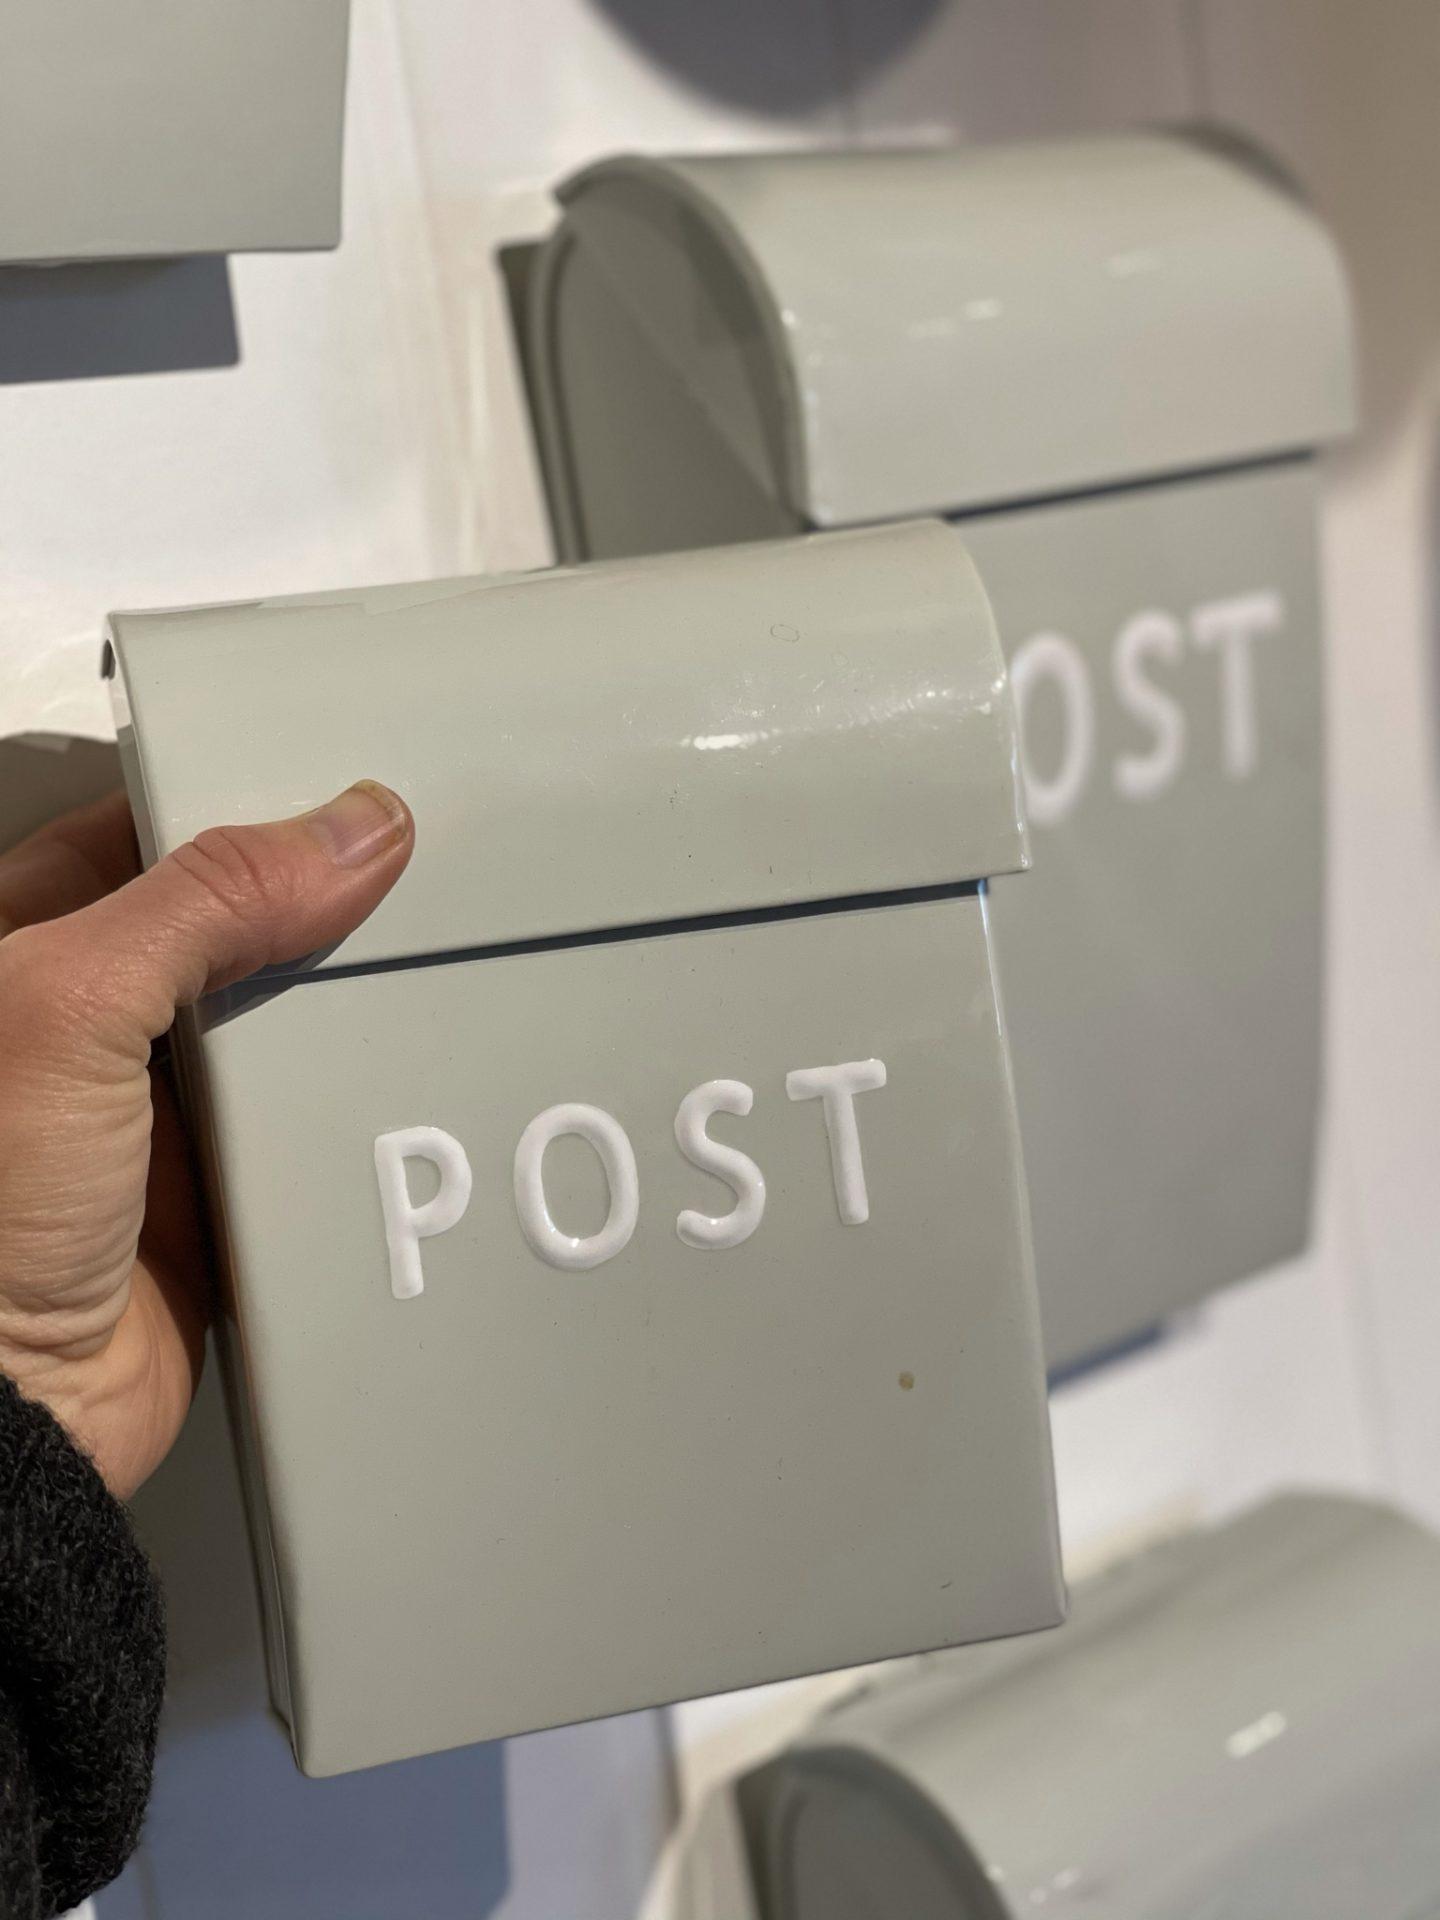 Postkasse, mikro